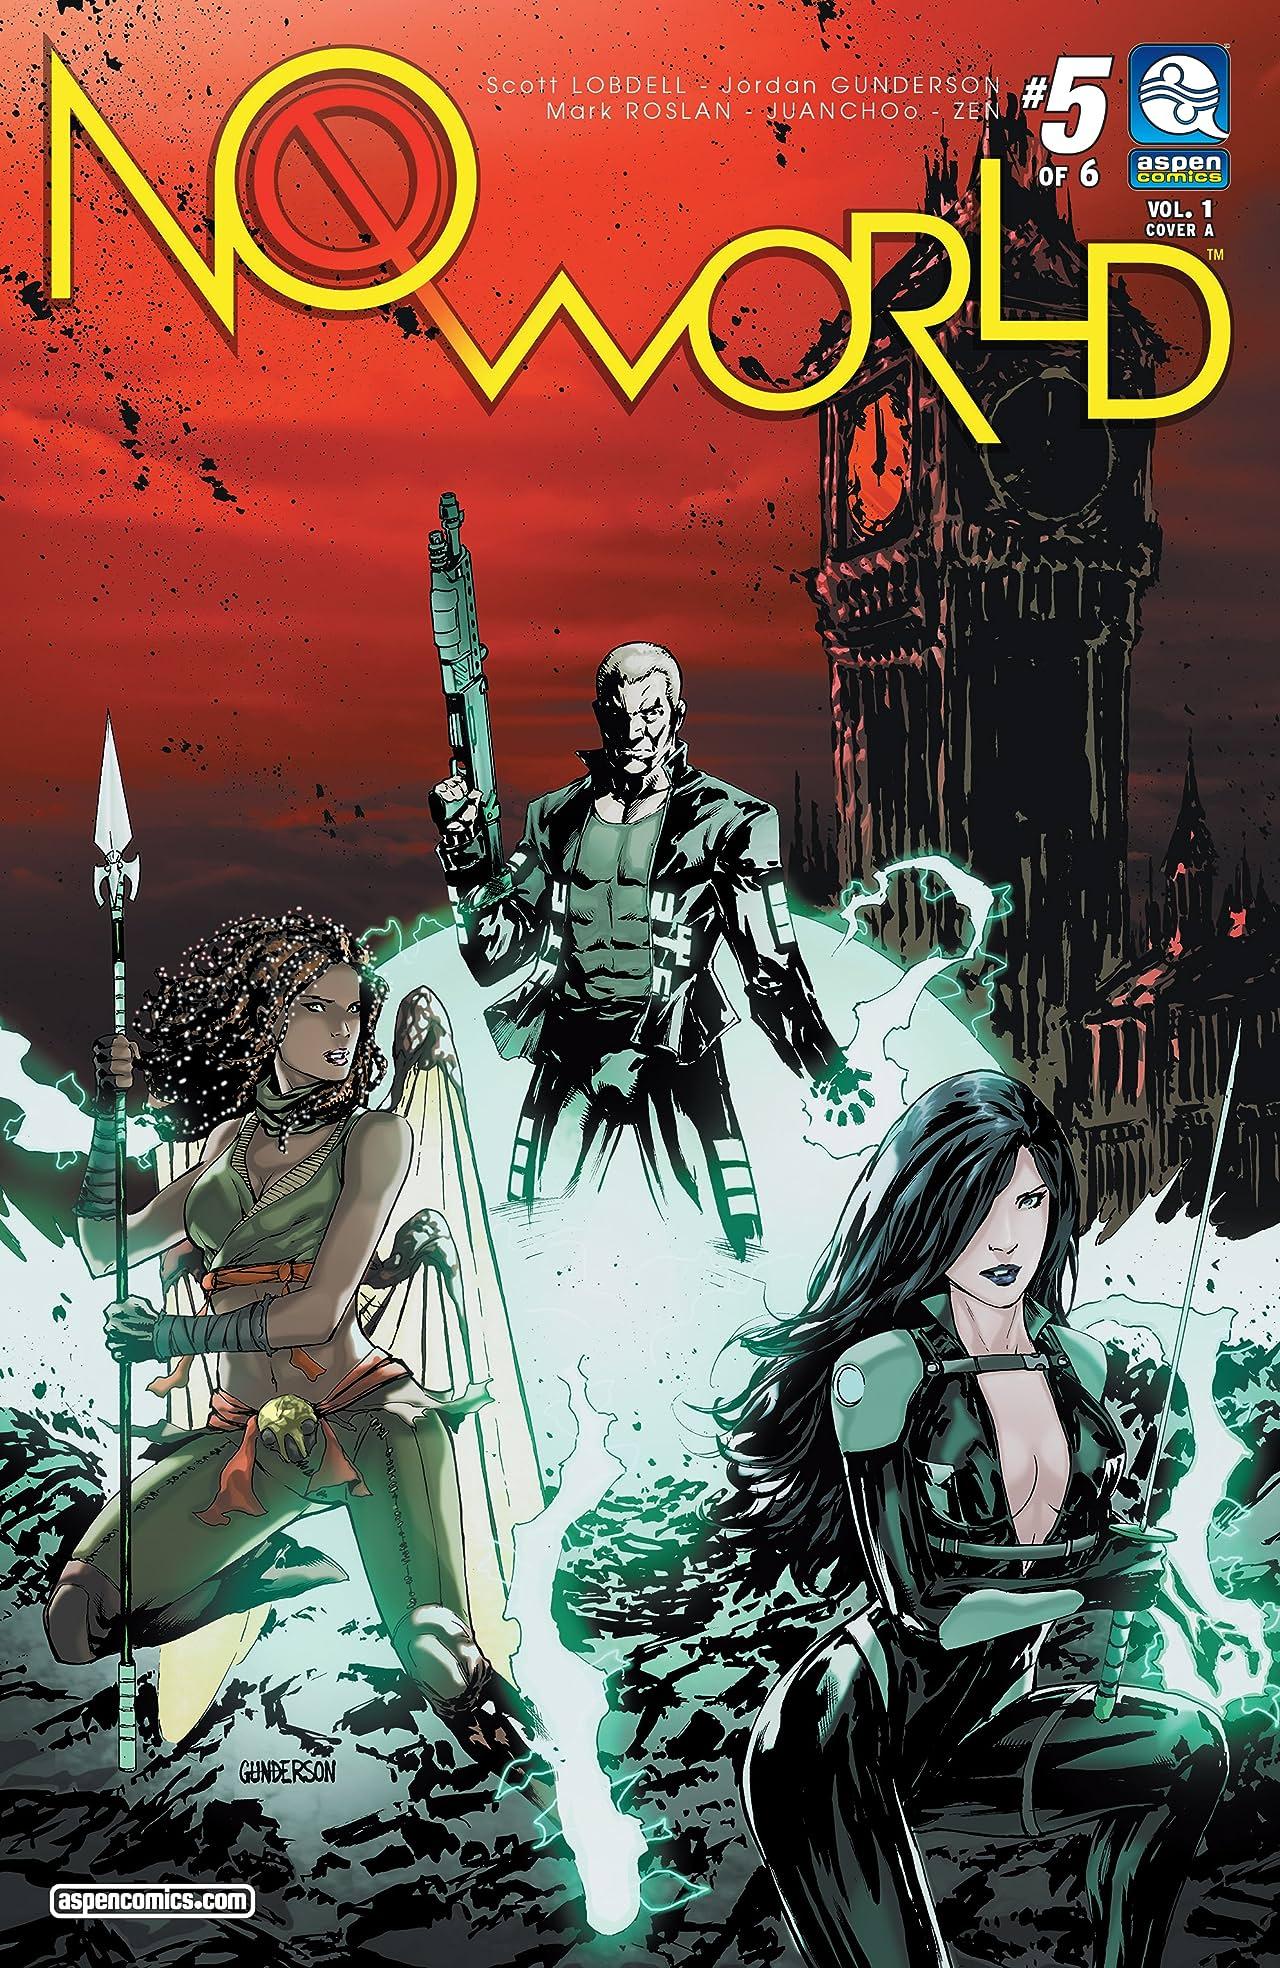 No World Vol. 1 #5